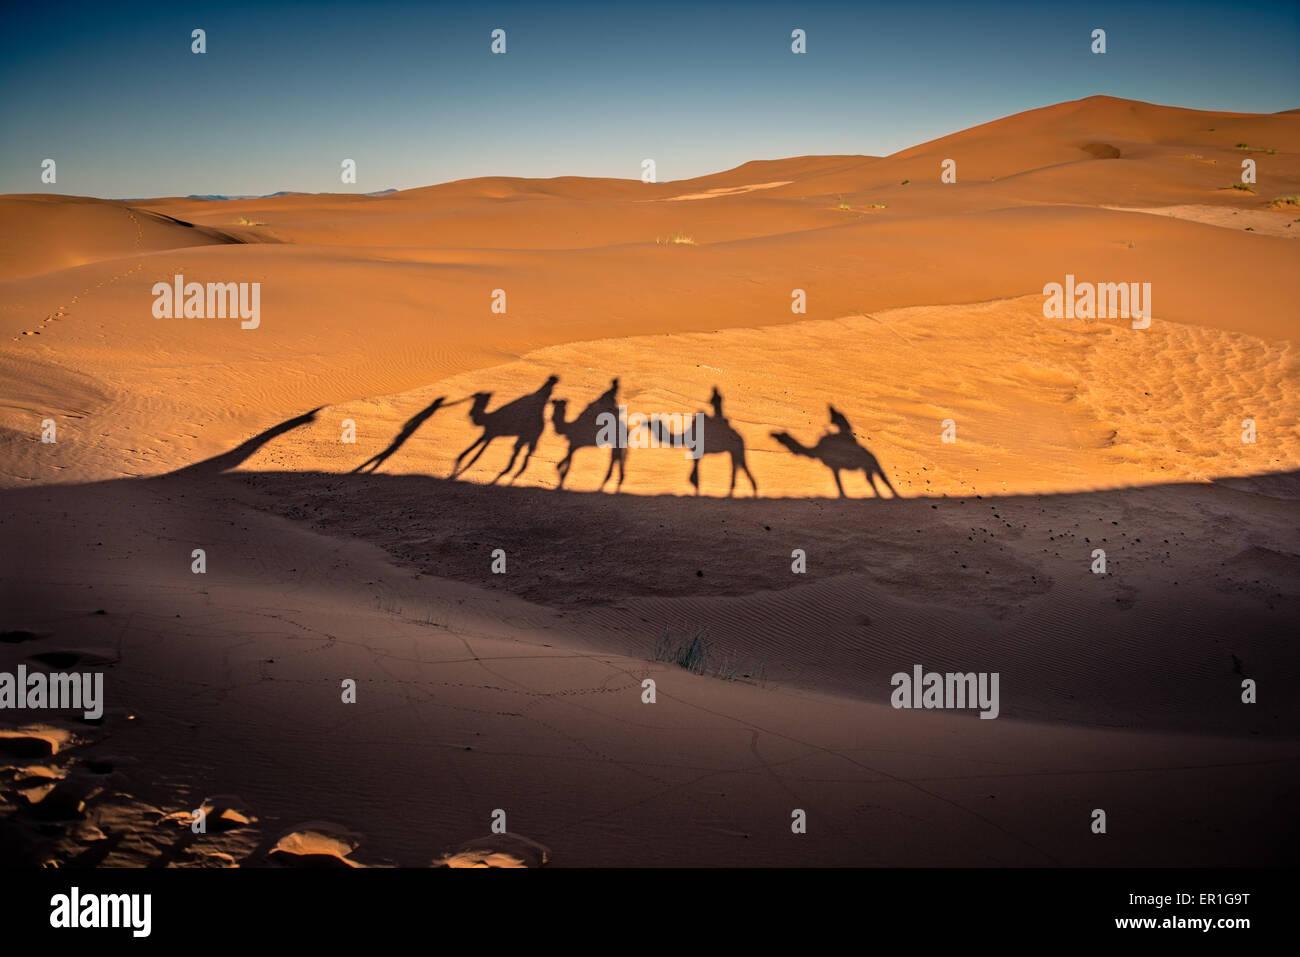 De longues ombres de caravanes de chameaux marcher dans le désert du Sahara, dans le sud du Maroc Photo Stock